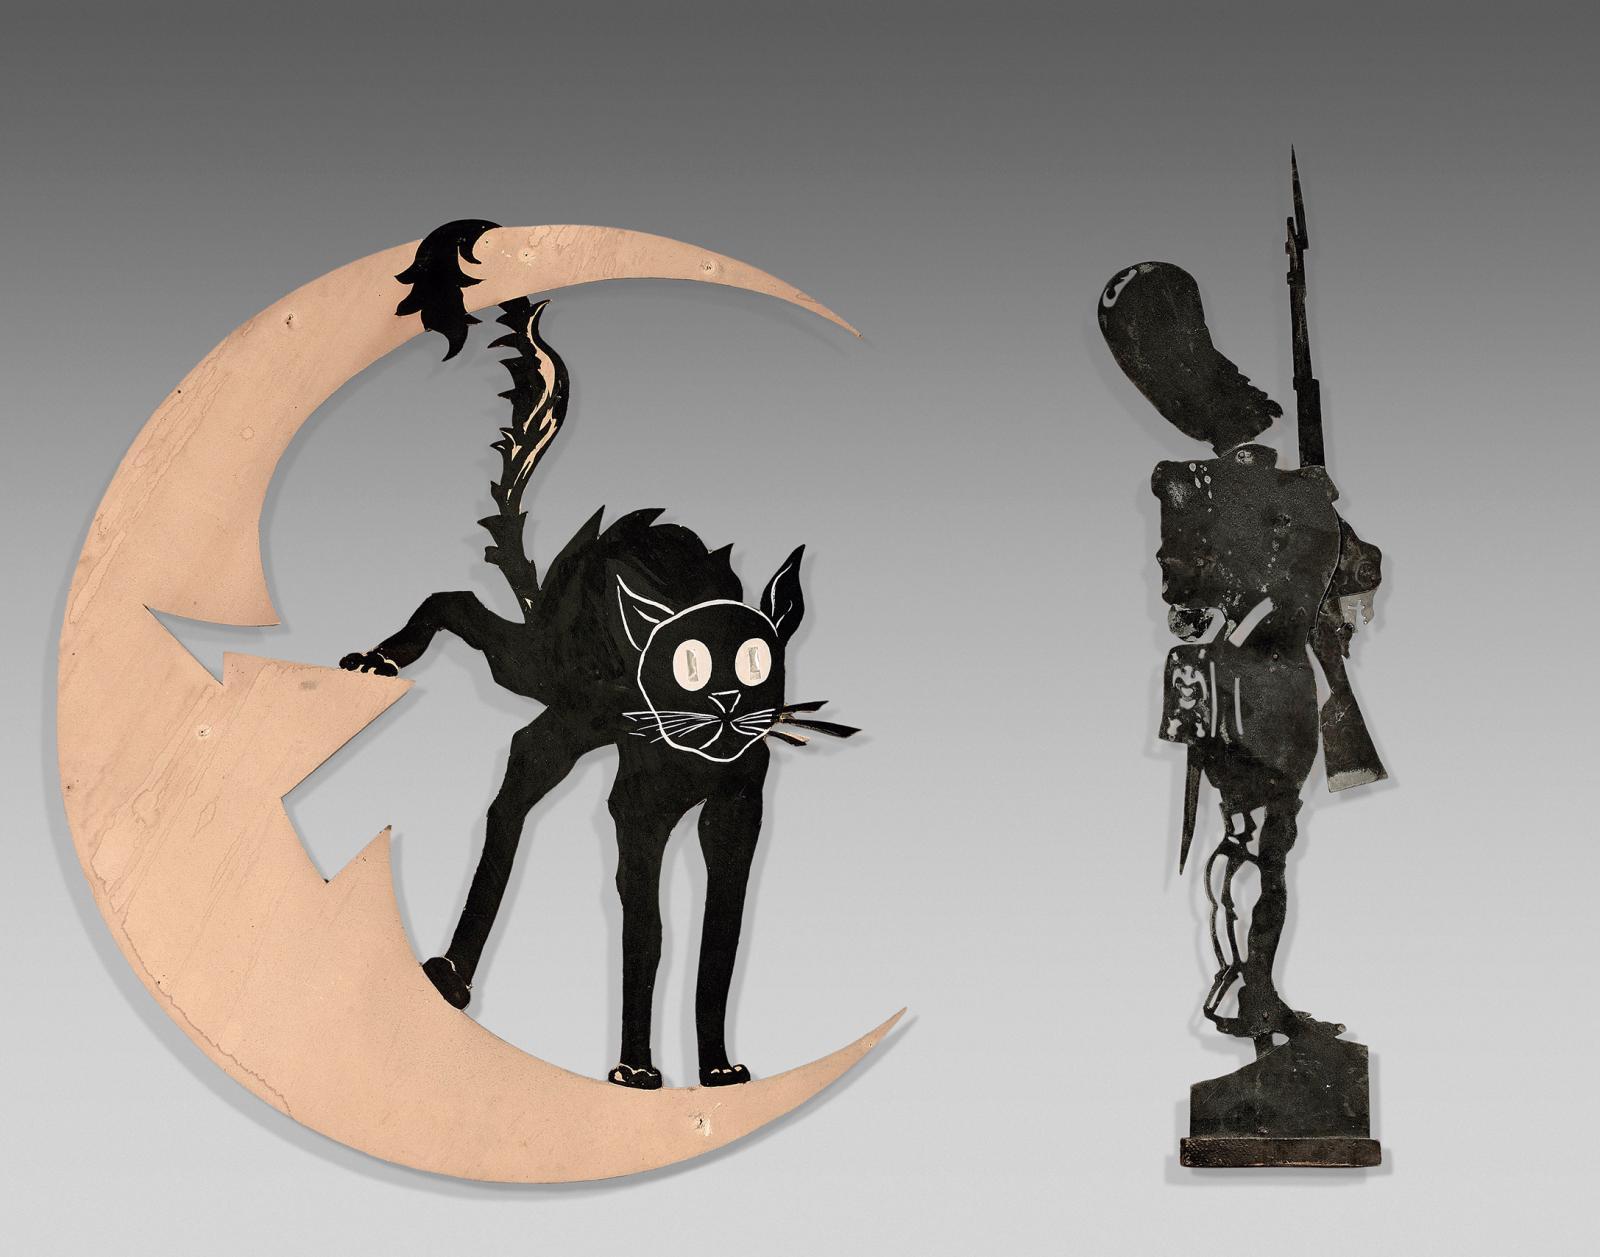 Emmanuel Poiré dit Caran d'Ache (1858-1901), silhouette découpée en carton, Le Chat Noir, d'après l'enseigne créée par Adolphe Willette, 5